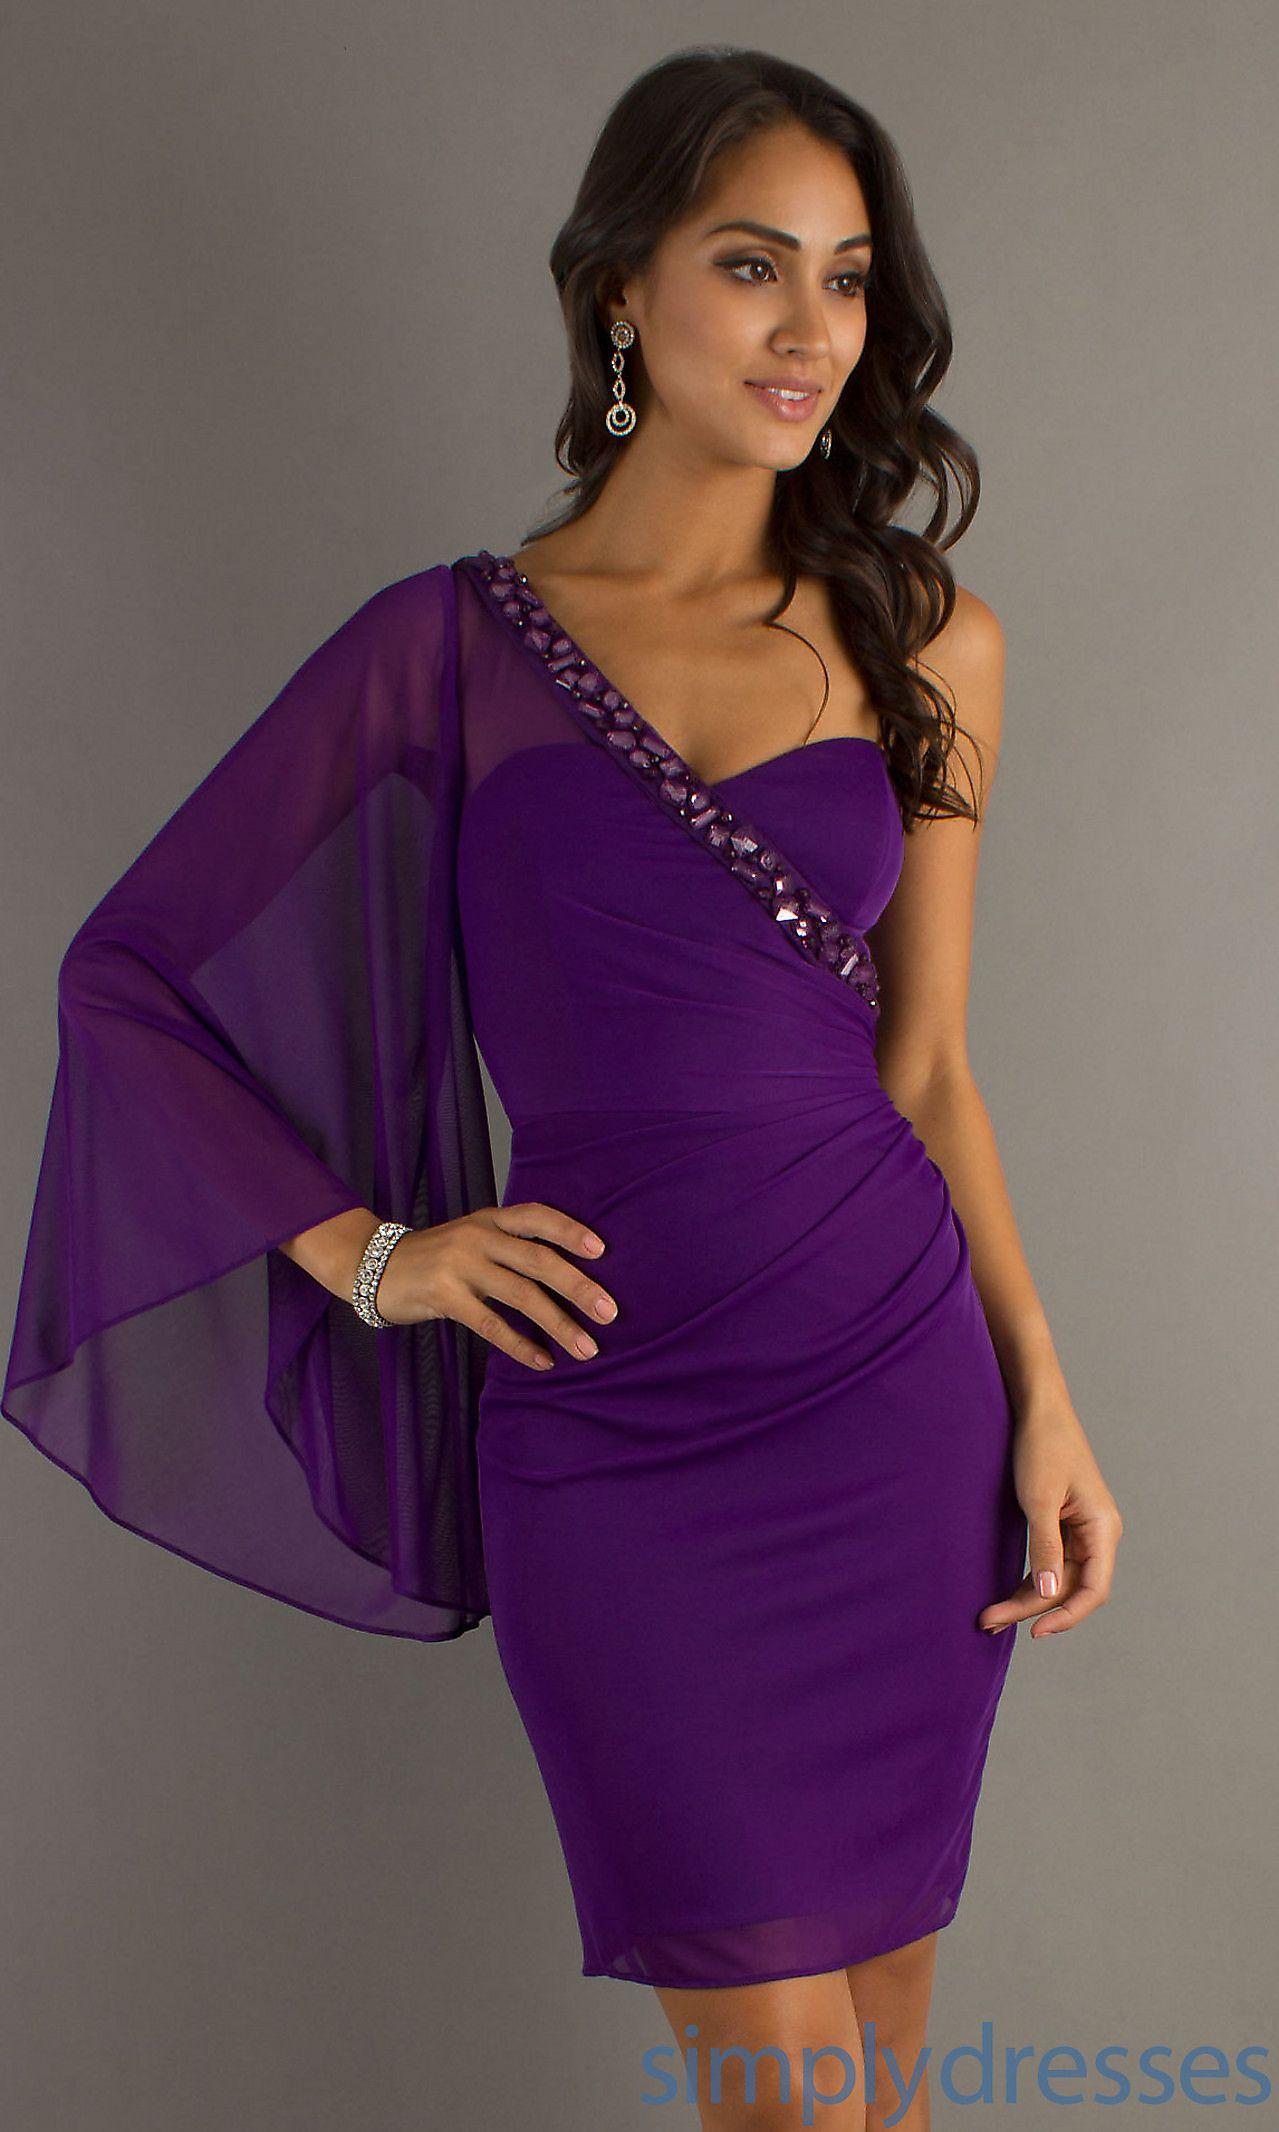 Short one shoulder dress bn fashion pinterest shoulder